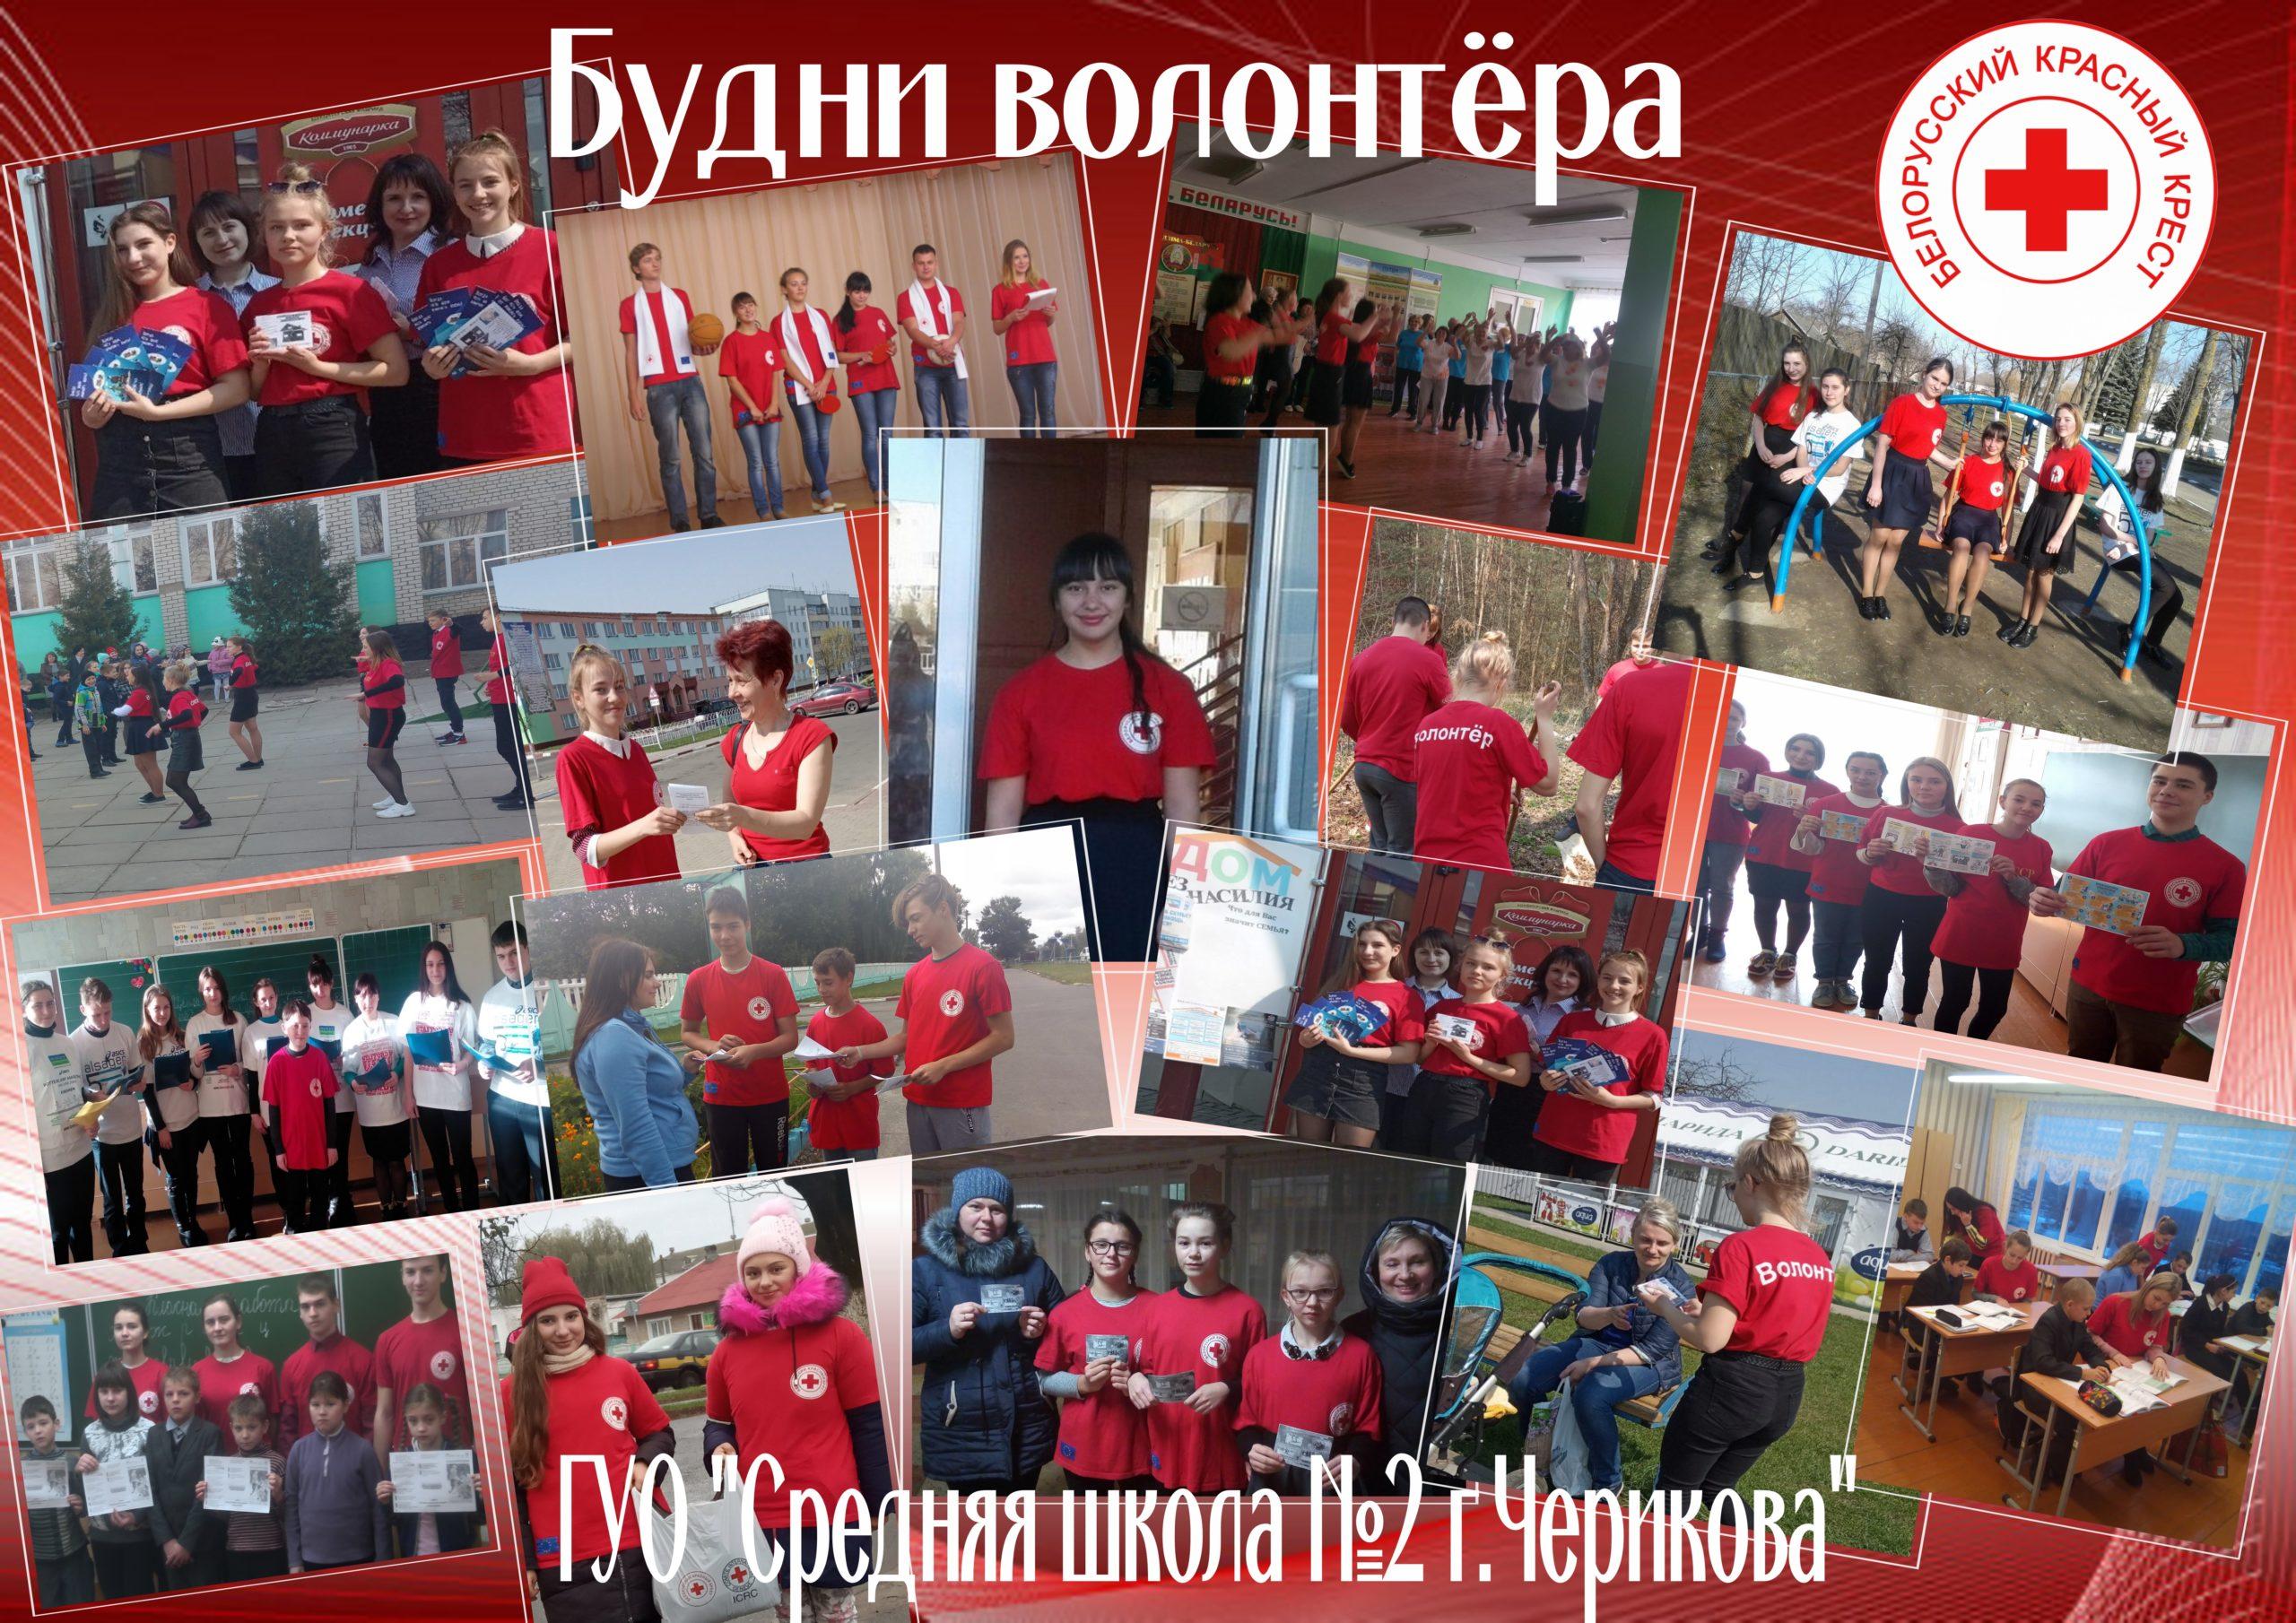 Волонтерство для Кристины Санько — стиль жизни